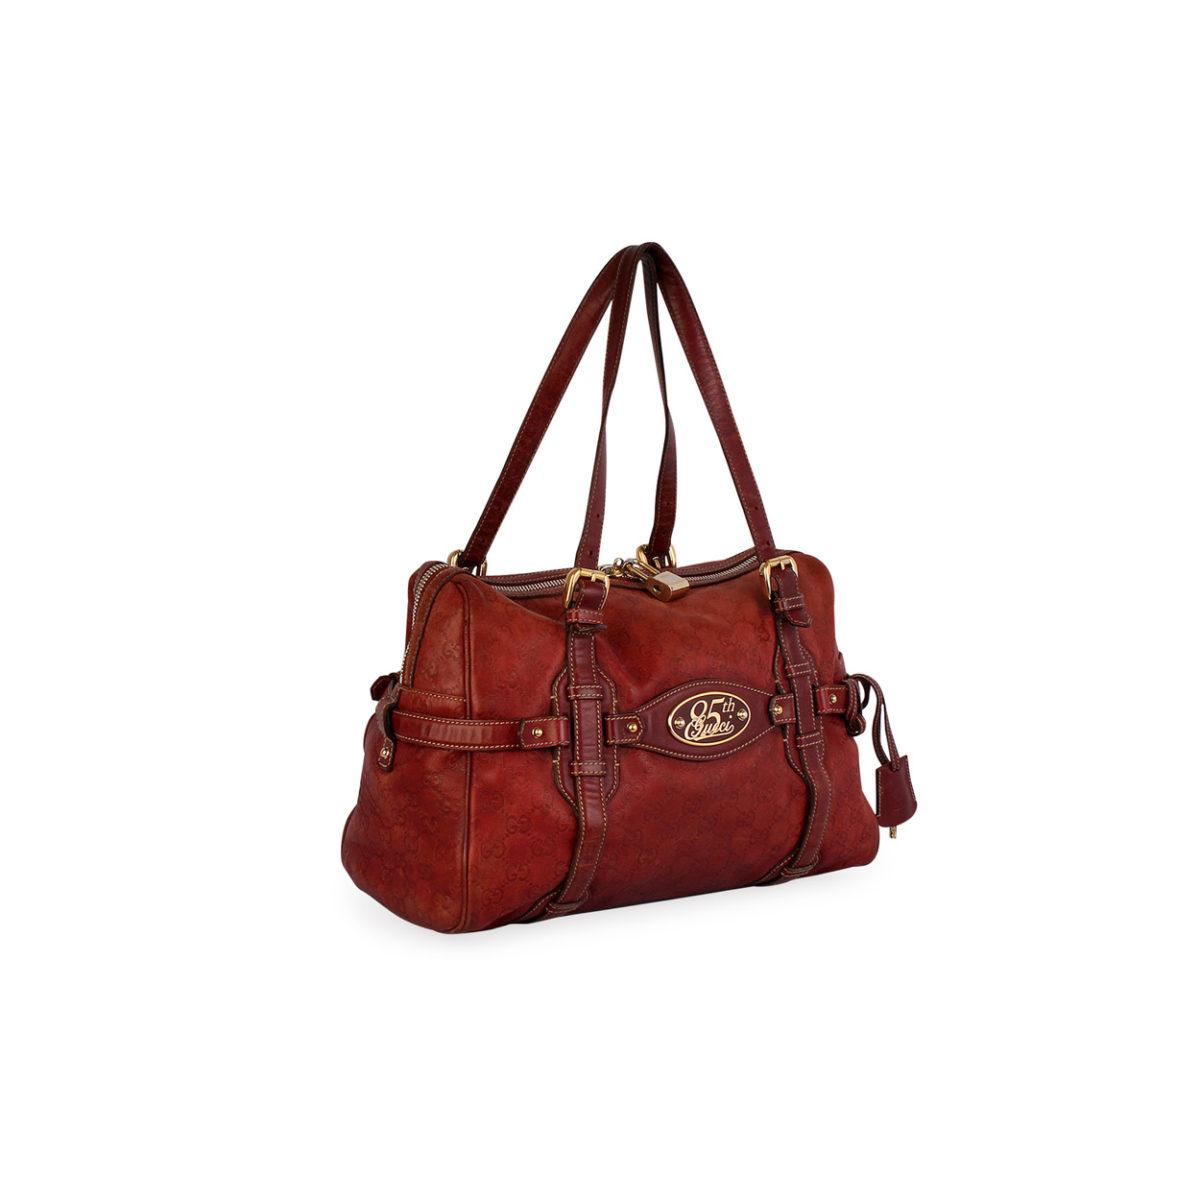 5ee239d2e7d3 GUCCI Guccissima 85th Anniversary Medium Boston Bag Brown – Limited Edition